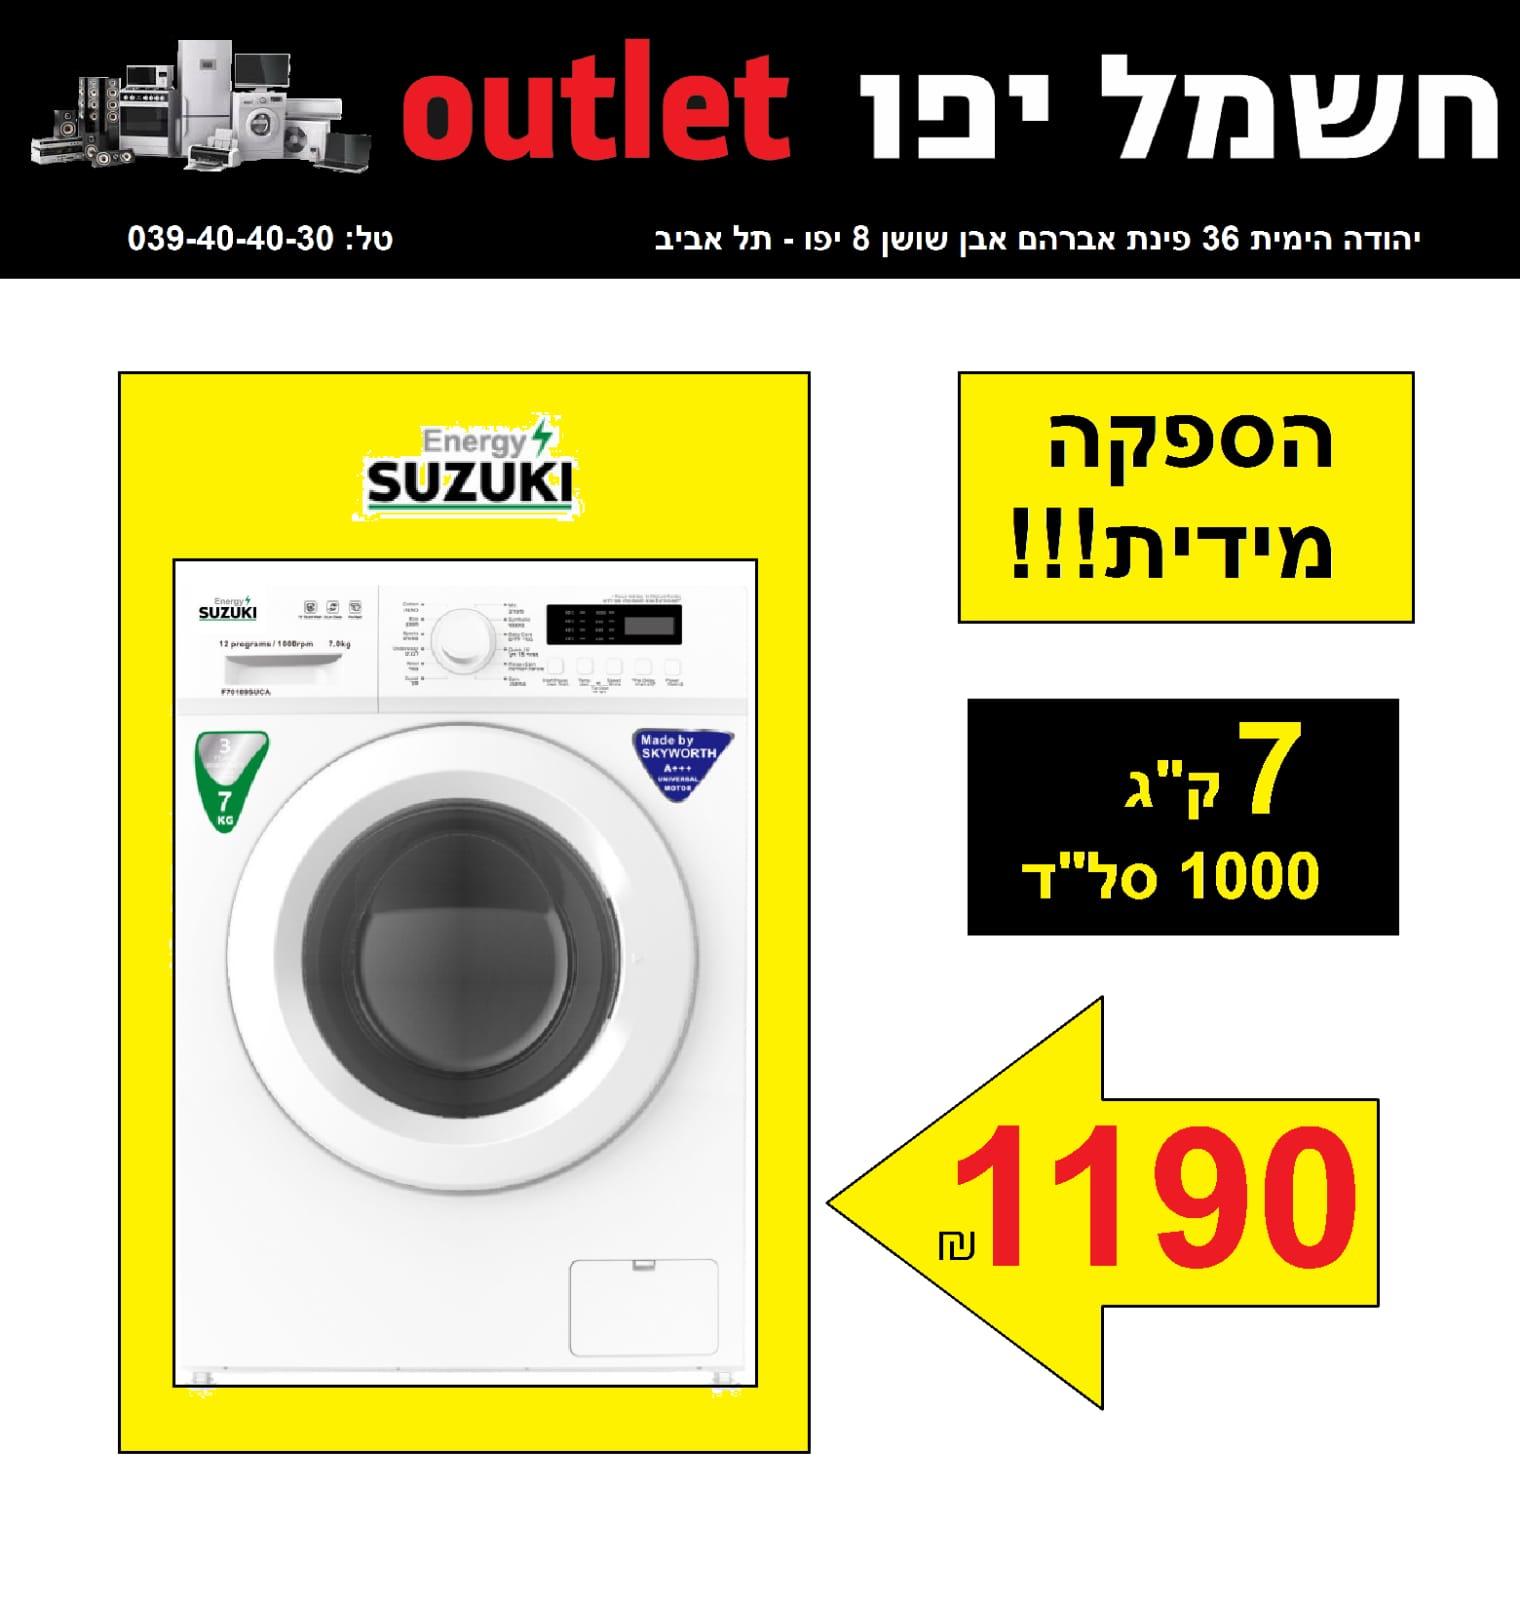 حملة تنزيلات جديدة في صالة كهرباء يافا OUTLET